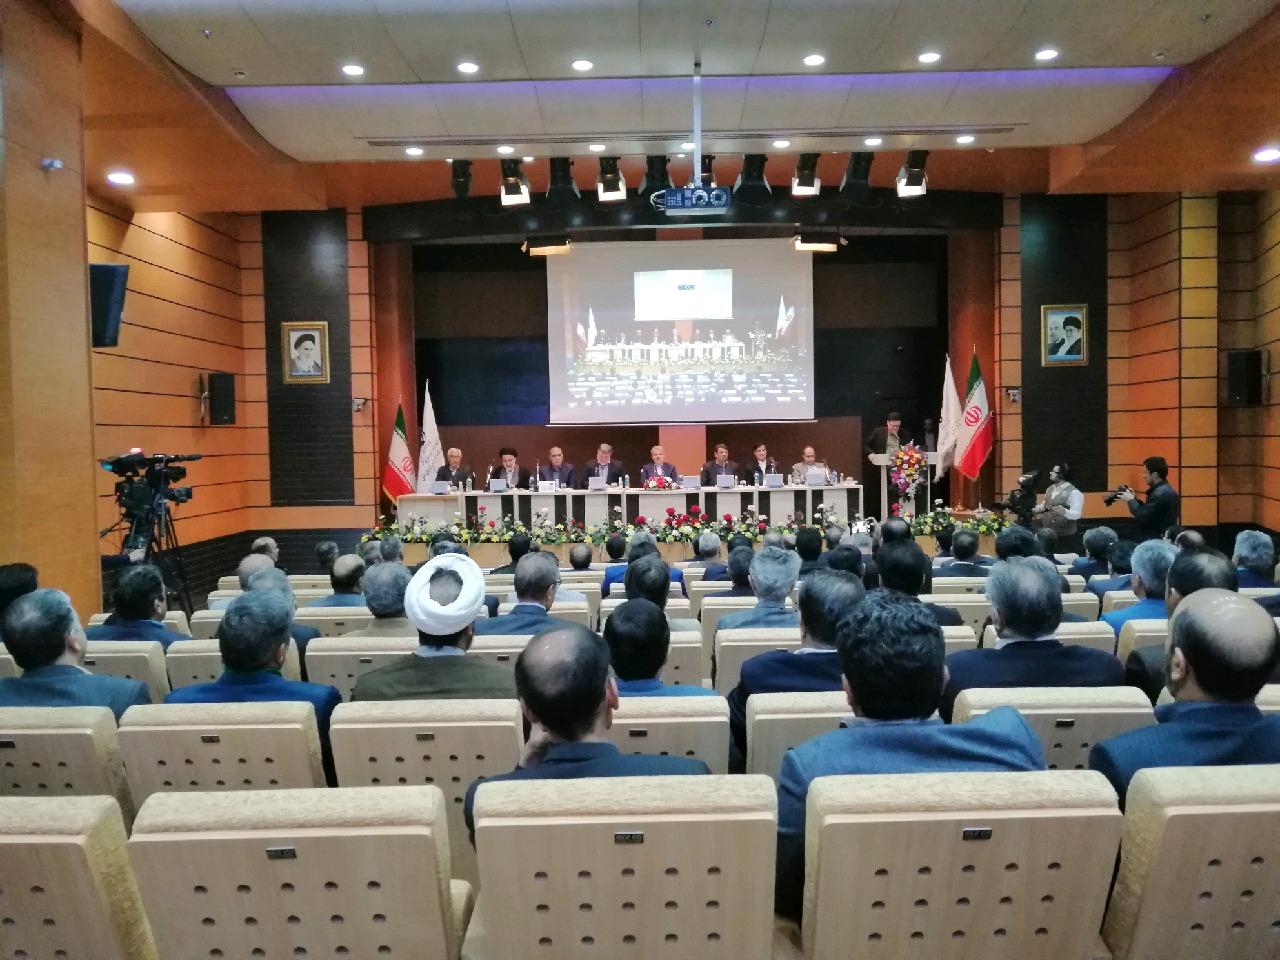 جلسه شورای برنامه ریزی و توسعه خراسان جنوبی با حضور نوبخت